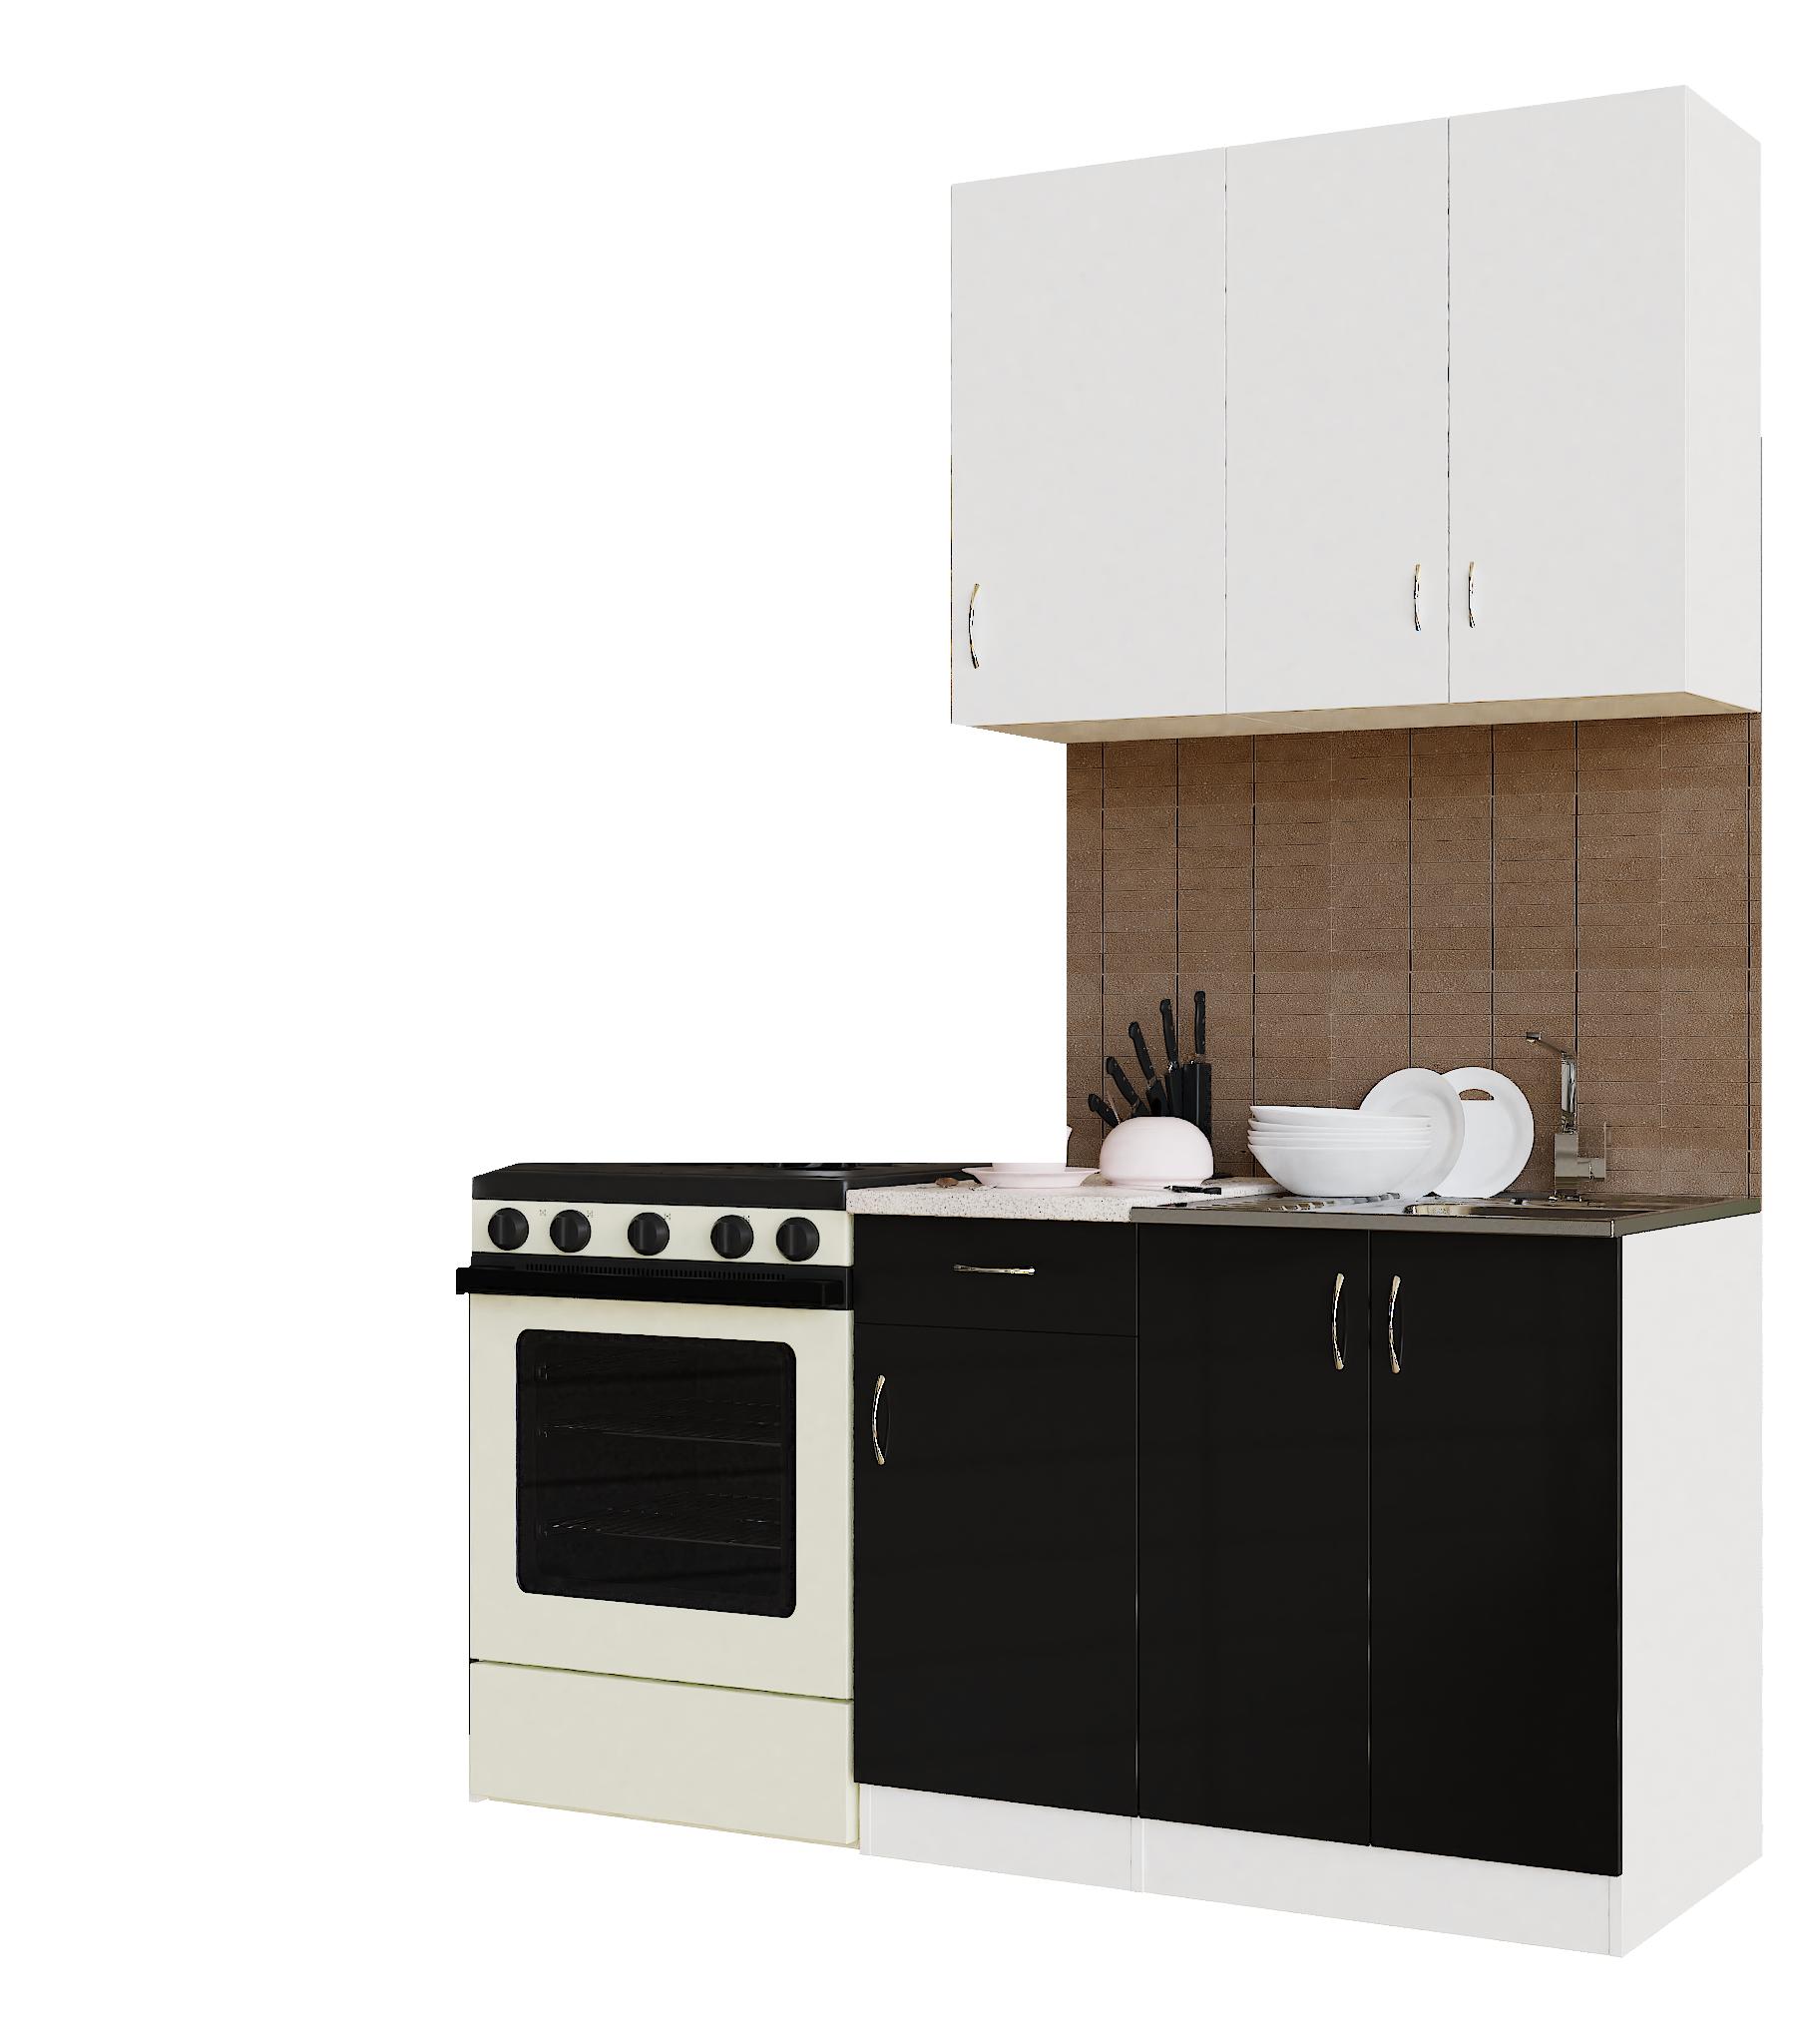 Кухонный гарнитур Sanvut ГК1000-5.5_7.2 Белый / Черный (гренобль)